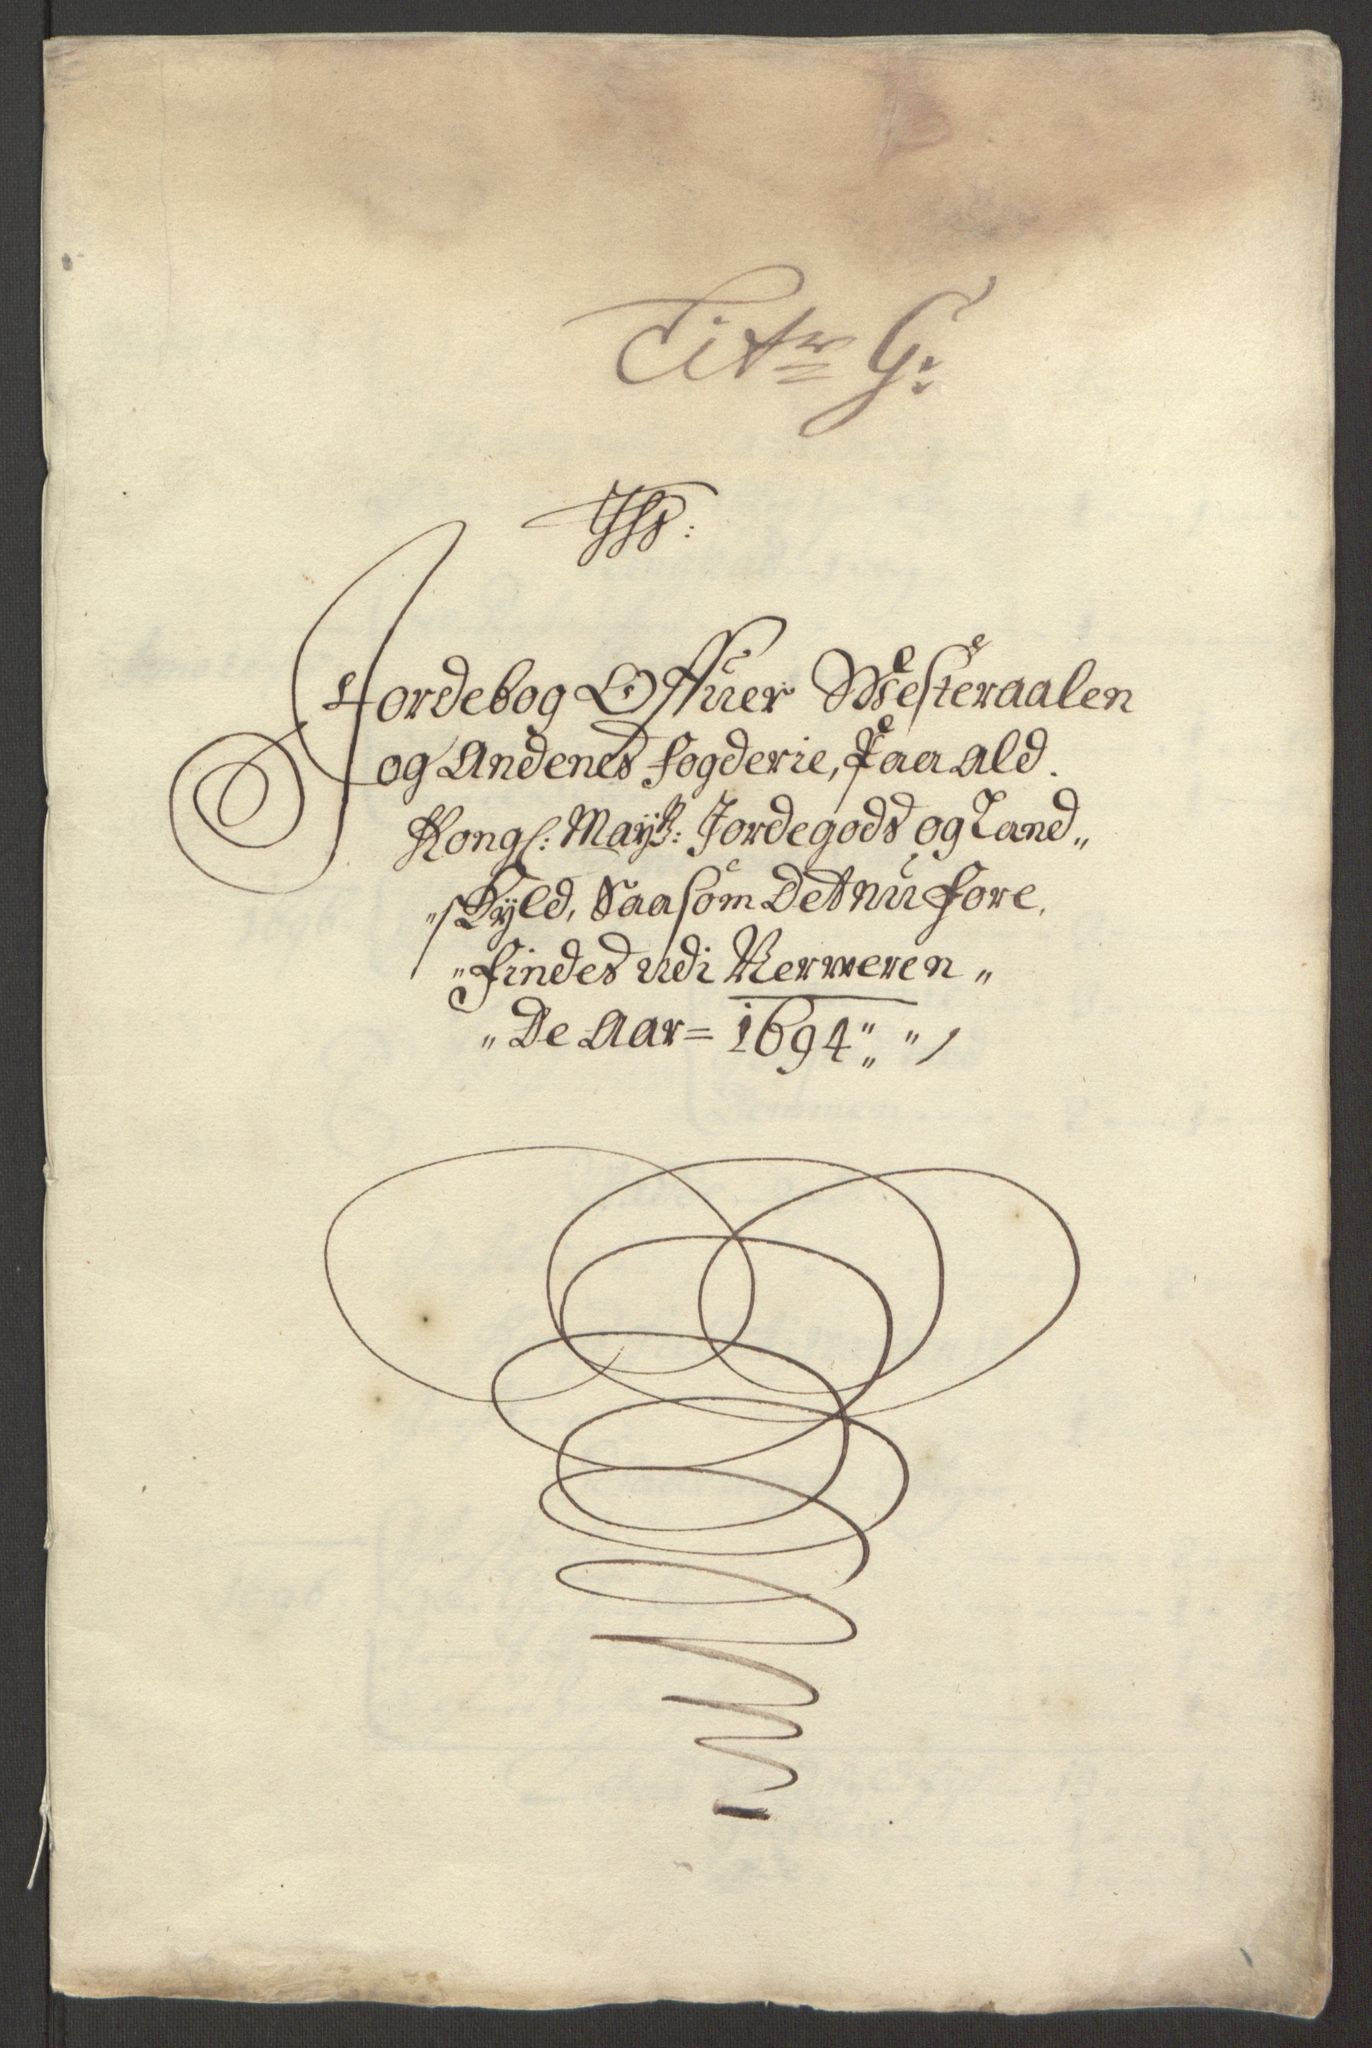 RA, Rentekammeret inntil 1814, Reviderte regnskaper, Fogderegnskap, R67/L4677: Fogderegnskap Vesterålen, Andenes og Lofoten, 1694-1695, s. 98